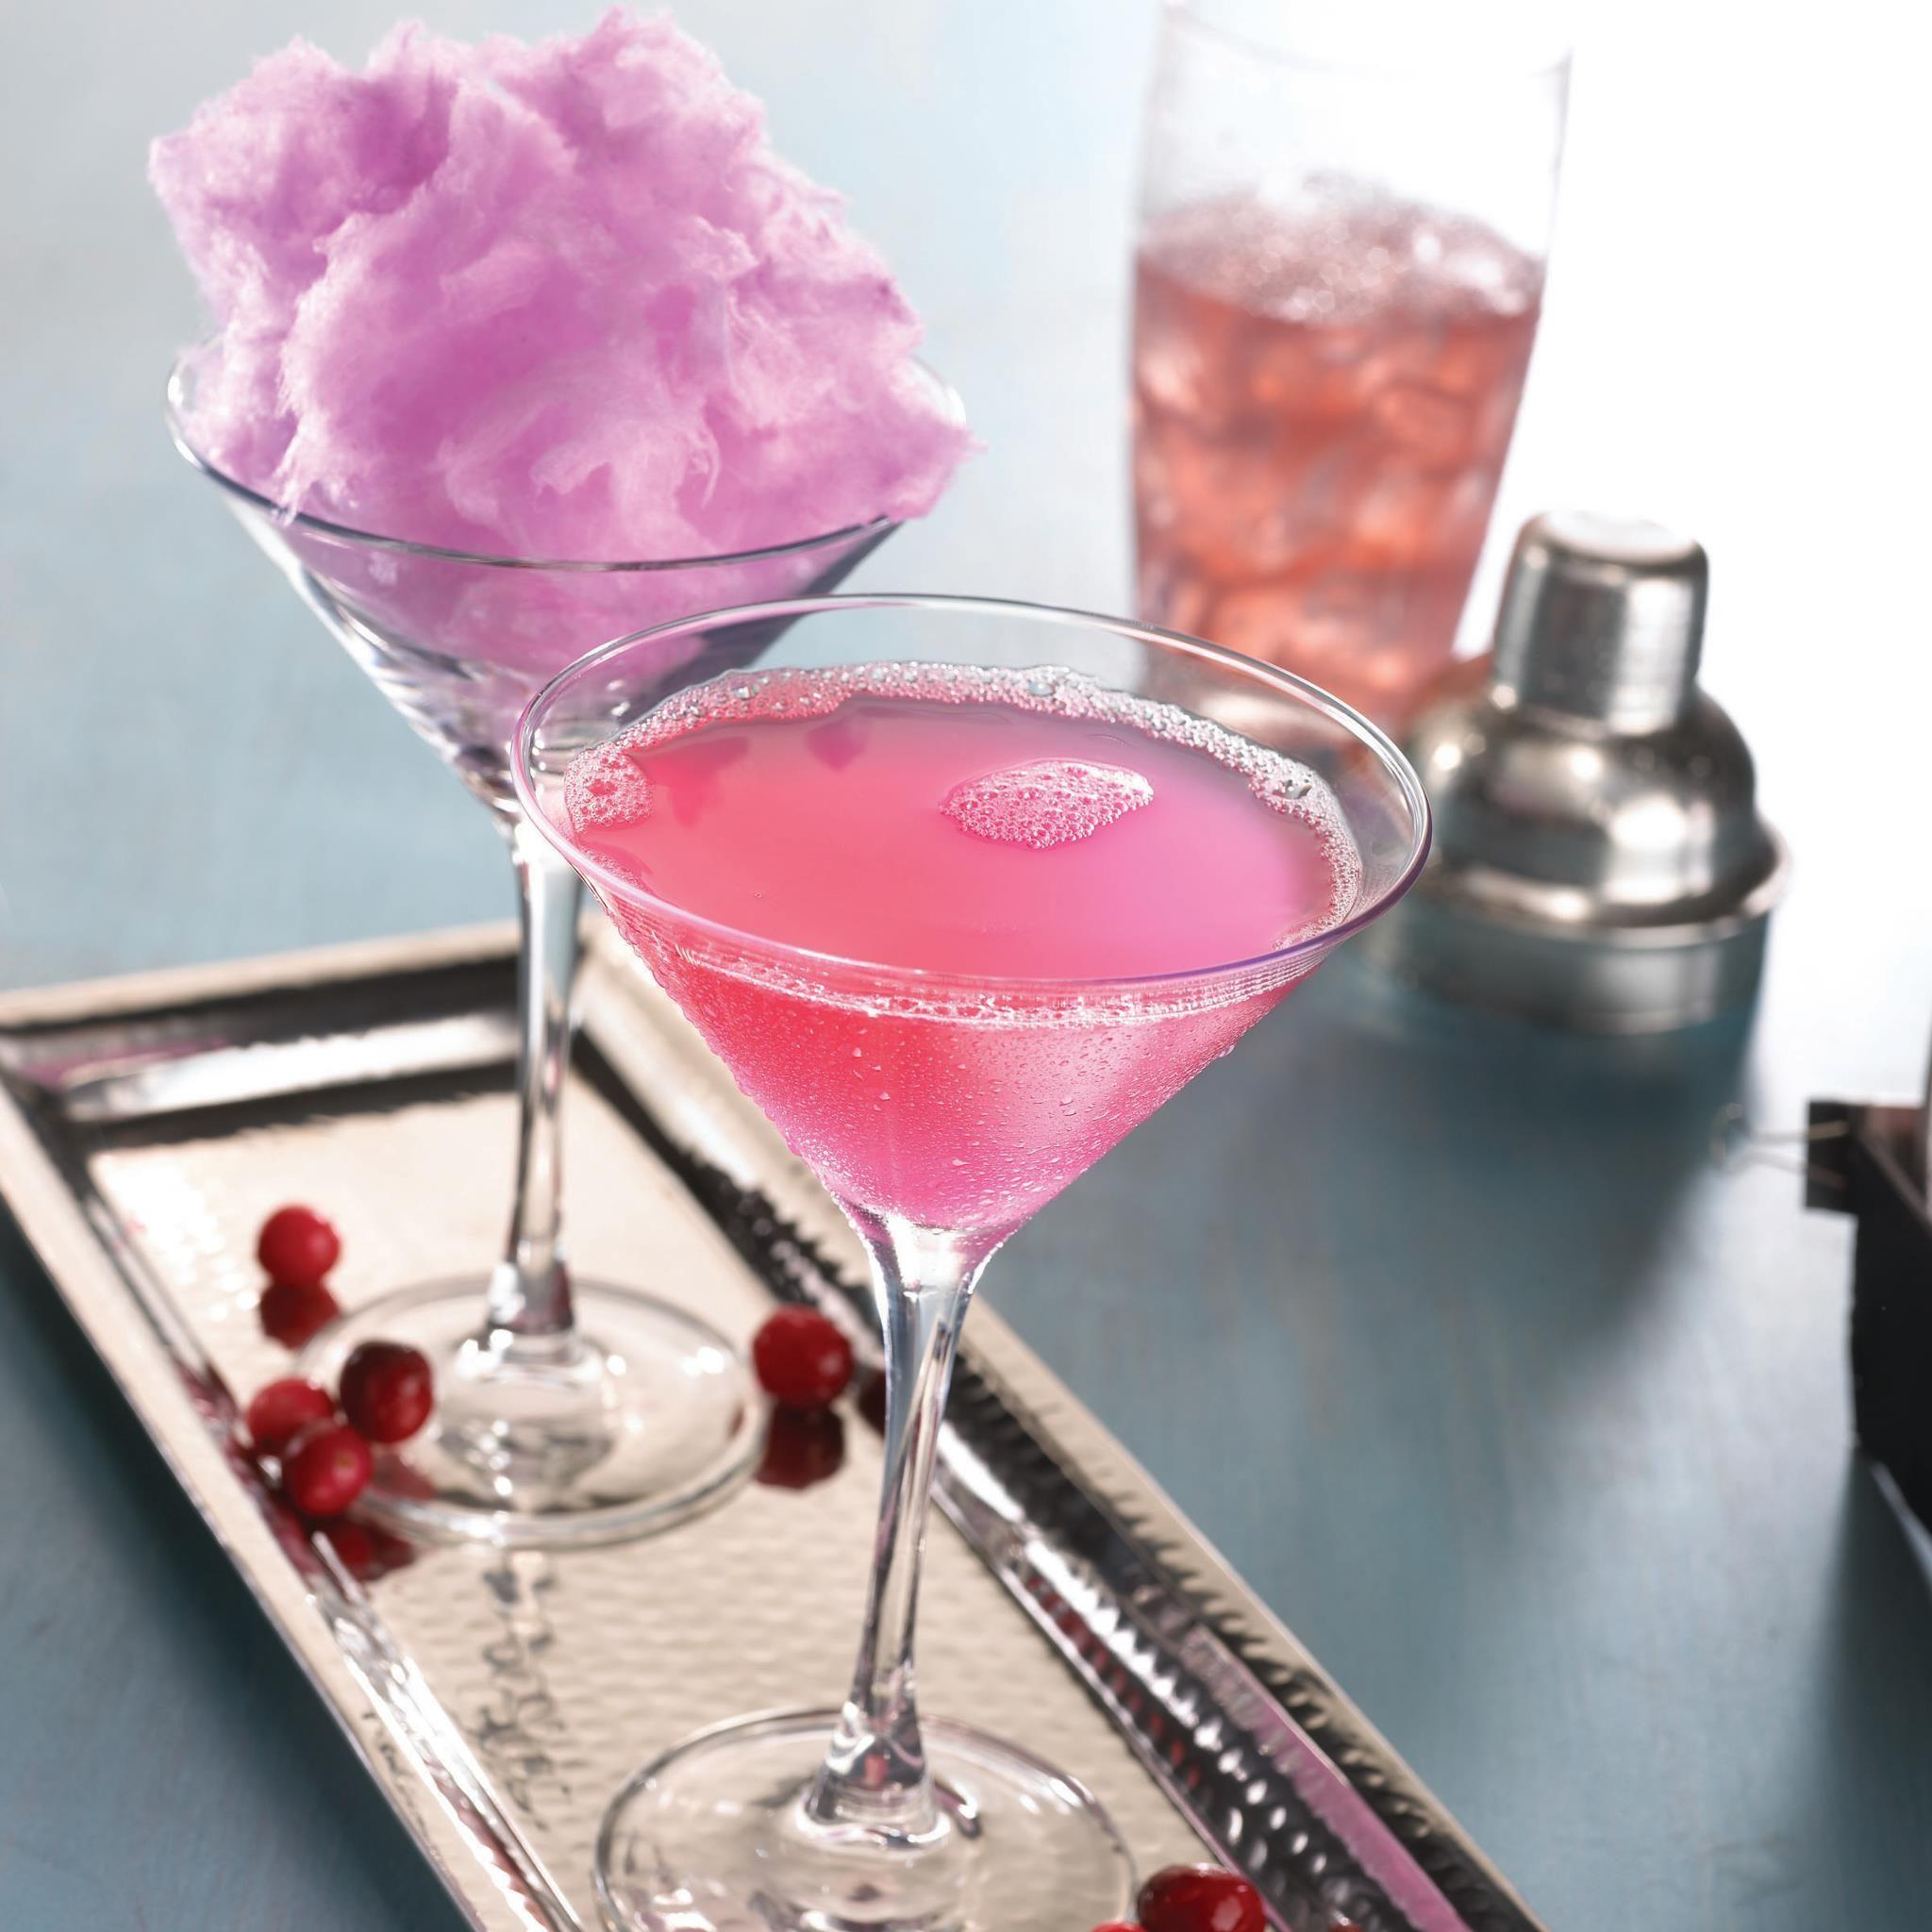 Tgi Fridays Candy Floss Cocktail!